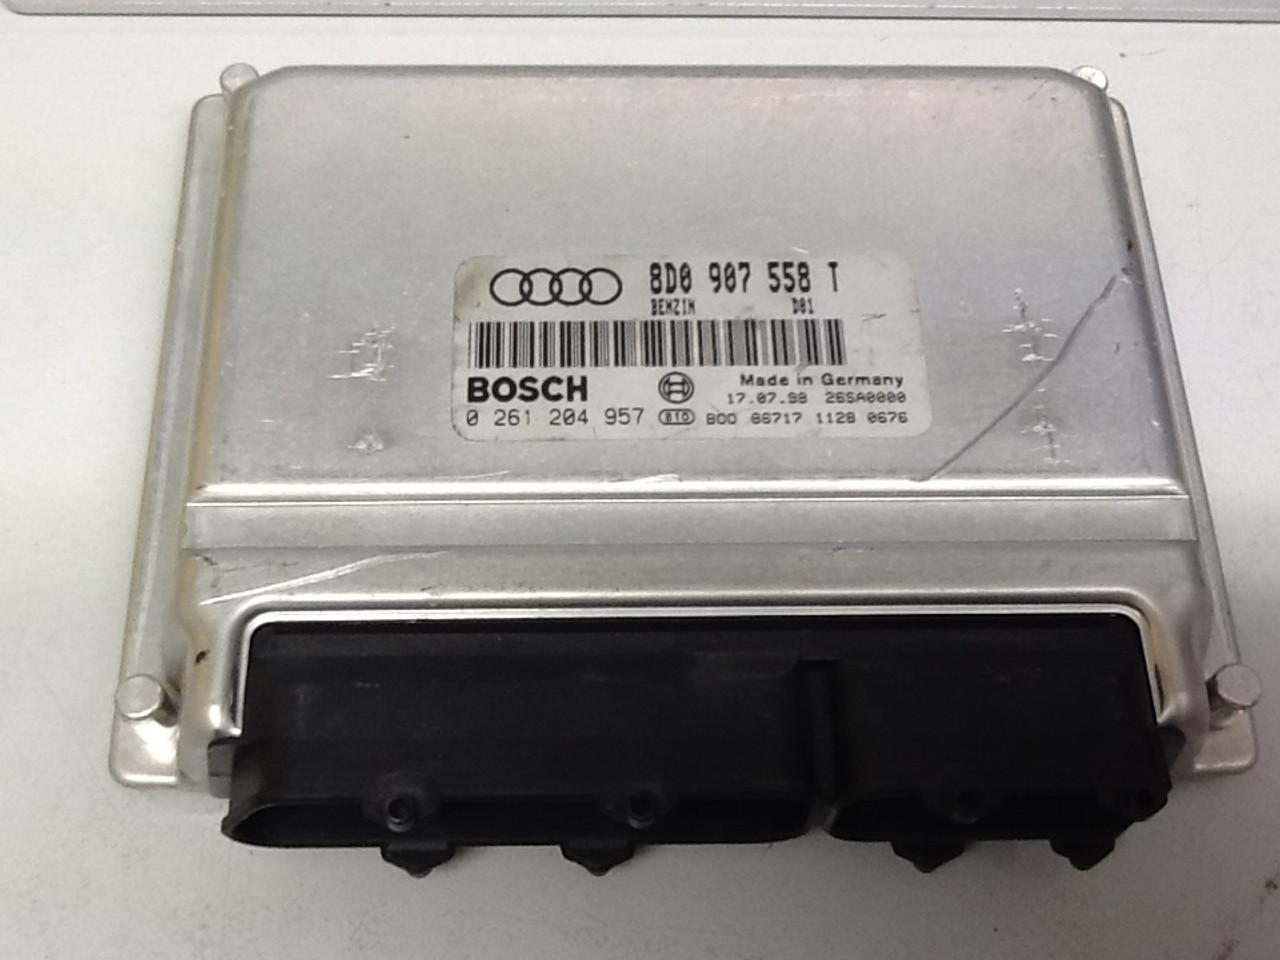 Plug & Play Engine ECU 0 261 204 957 8D0 907 558 T 0261204957 8D0907558T M3.8.4